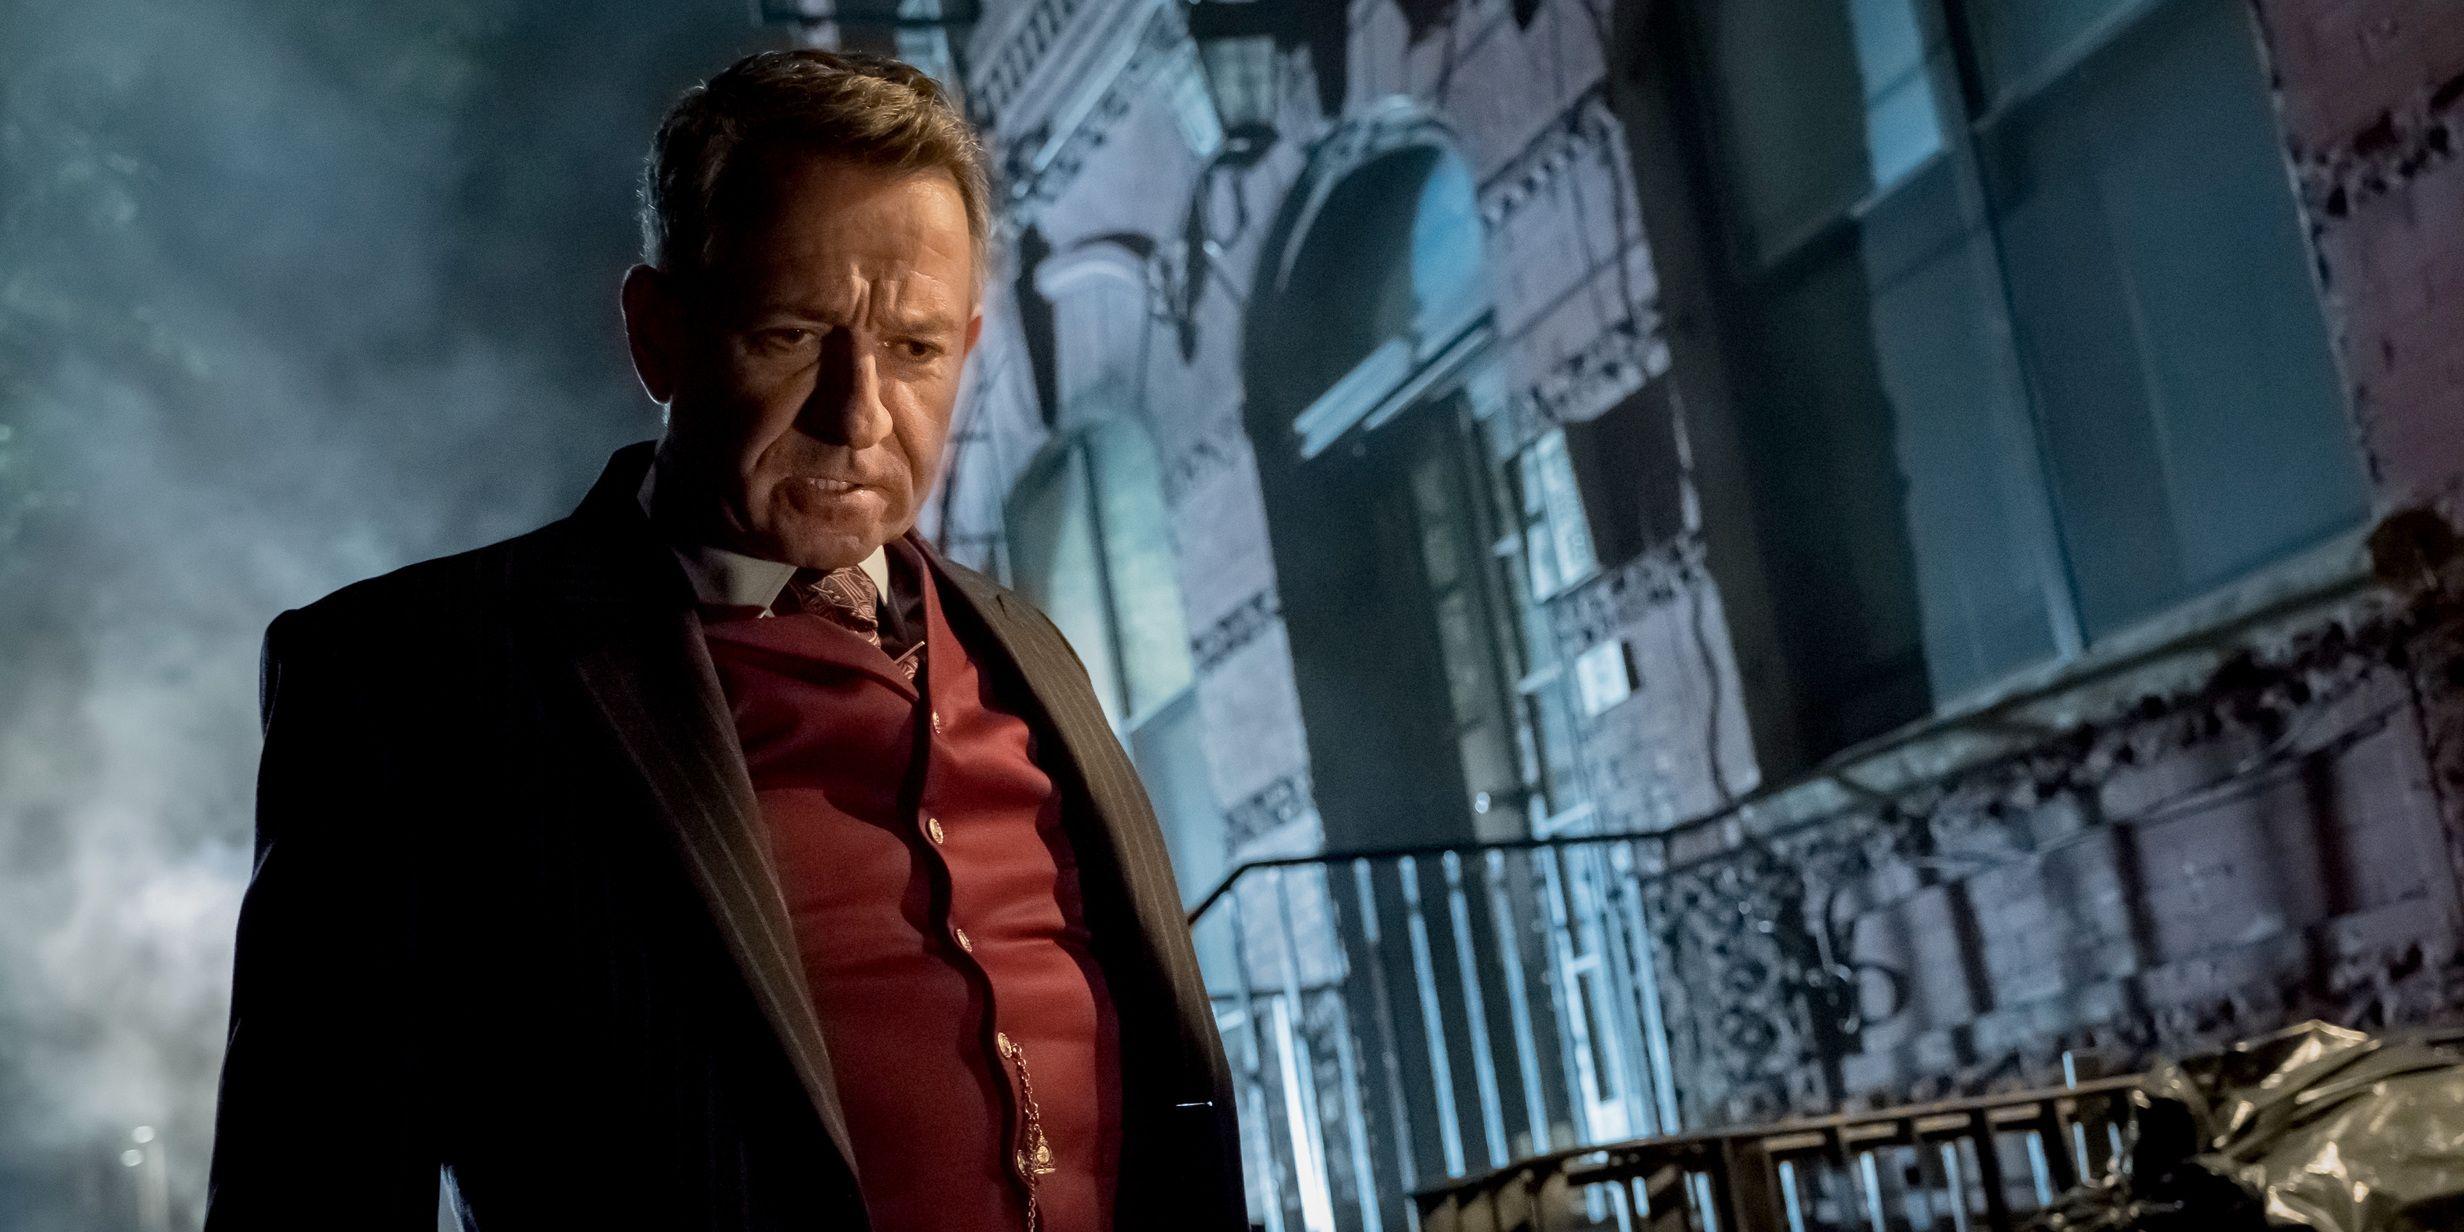 Alfred in 'Gotham' season 4